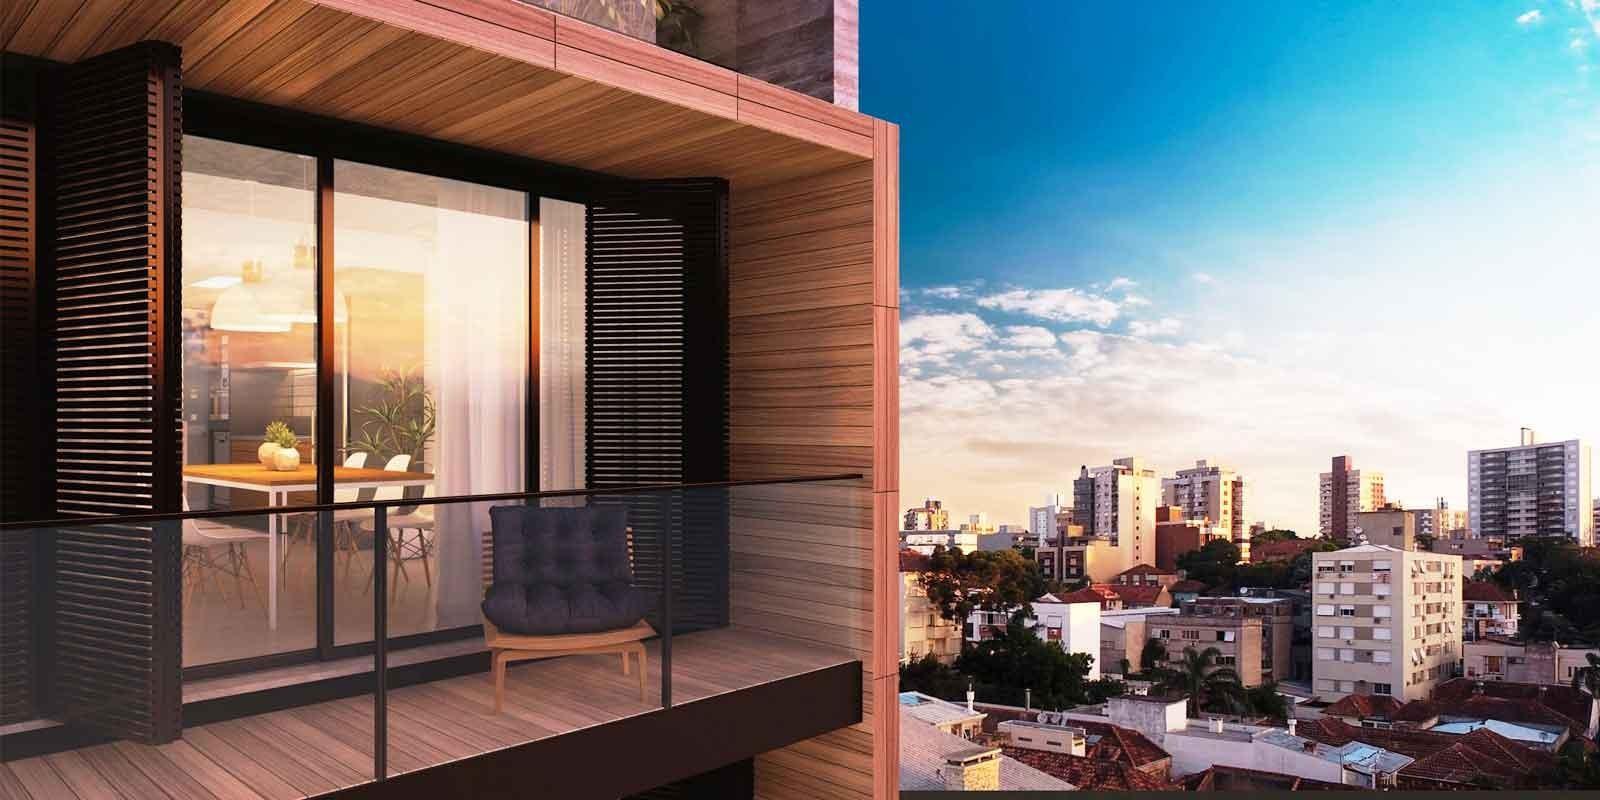 TPS Imóveis - Veja Foto 8 de 20 do Apartamentos com 1 ou 2 suítes com piscina na cobertura